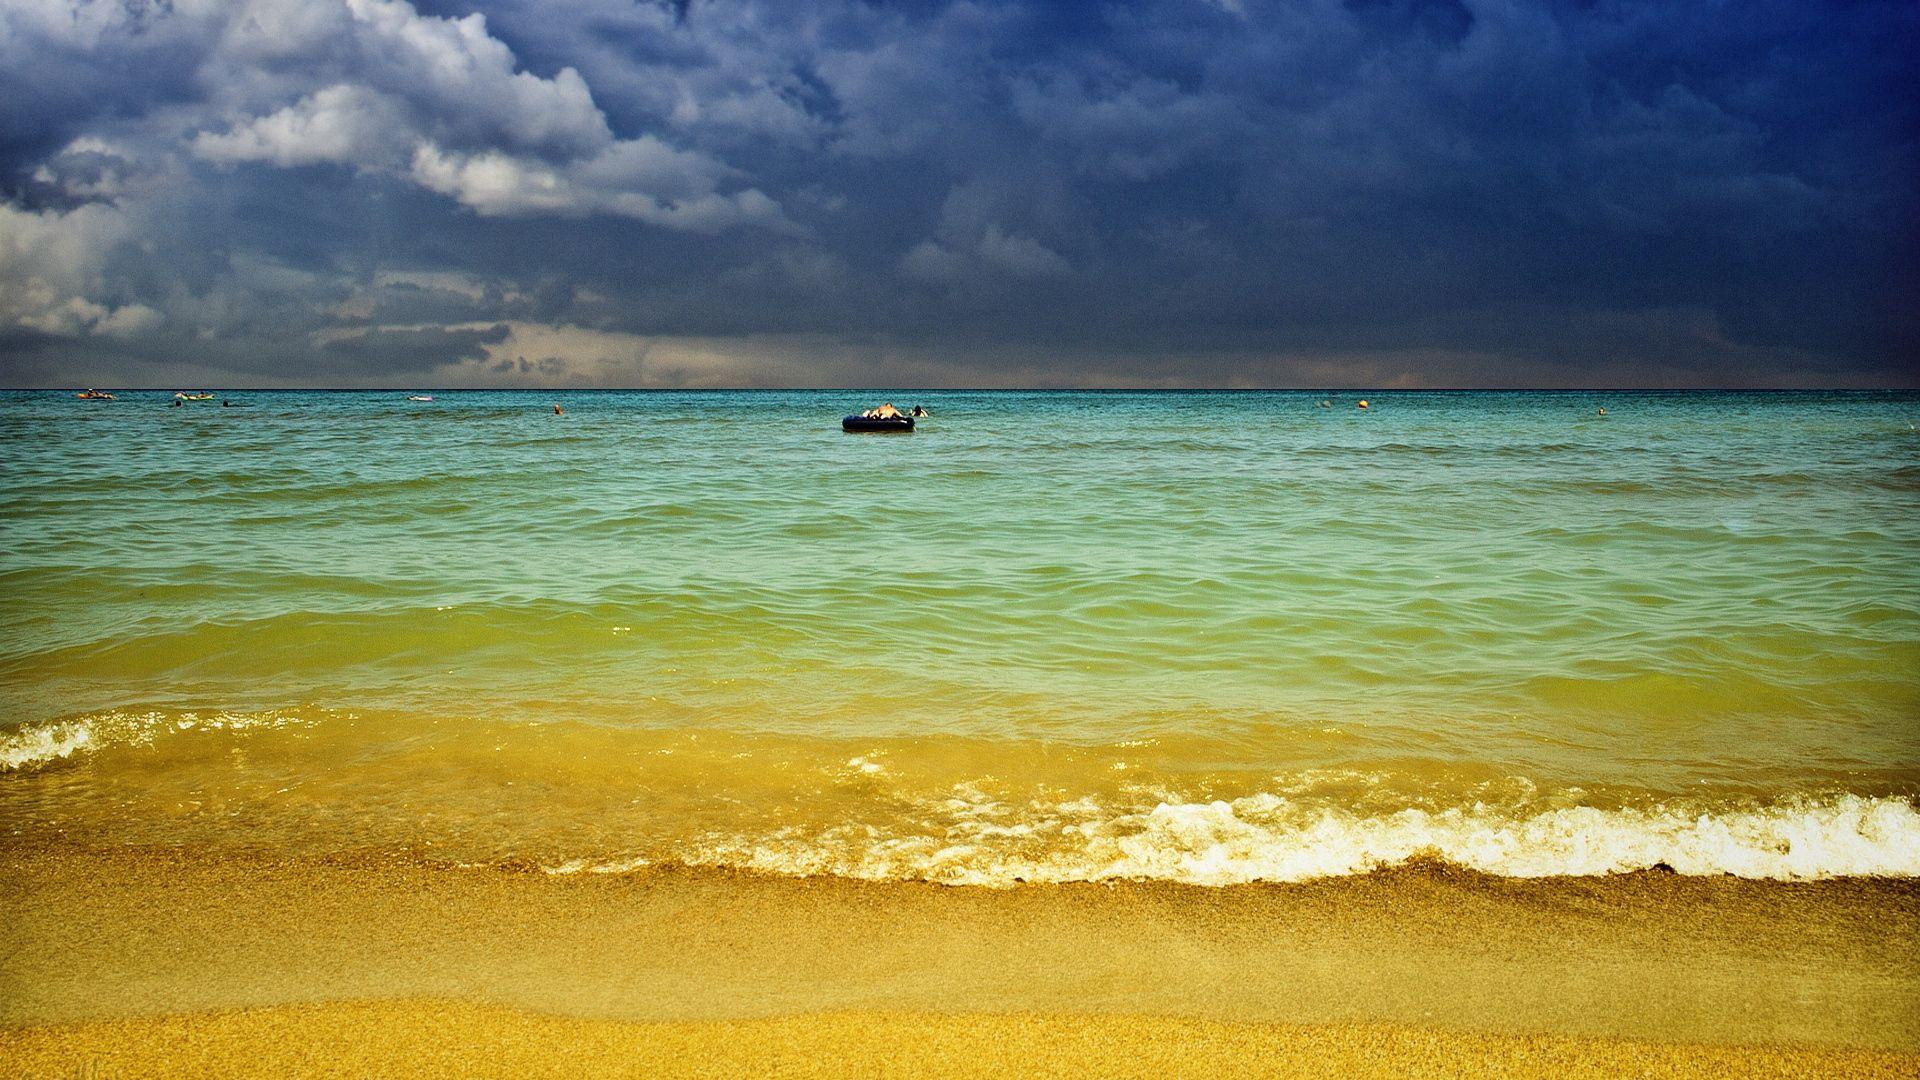 80887 скачать обои Природа, Песок, Море, Берег, Пляж, Курорт, Тучи, Небо, Горизонт, Люди - заставки и картинки бесплатно